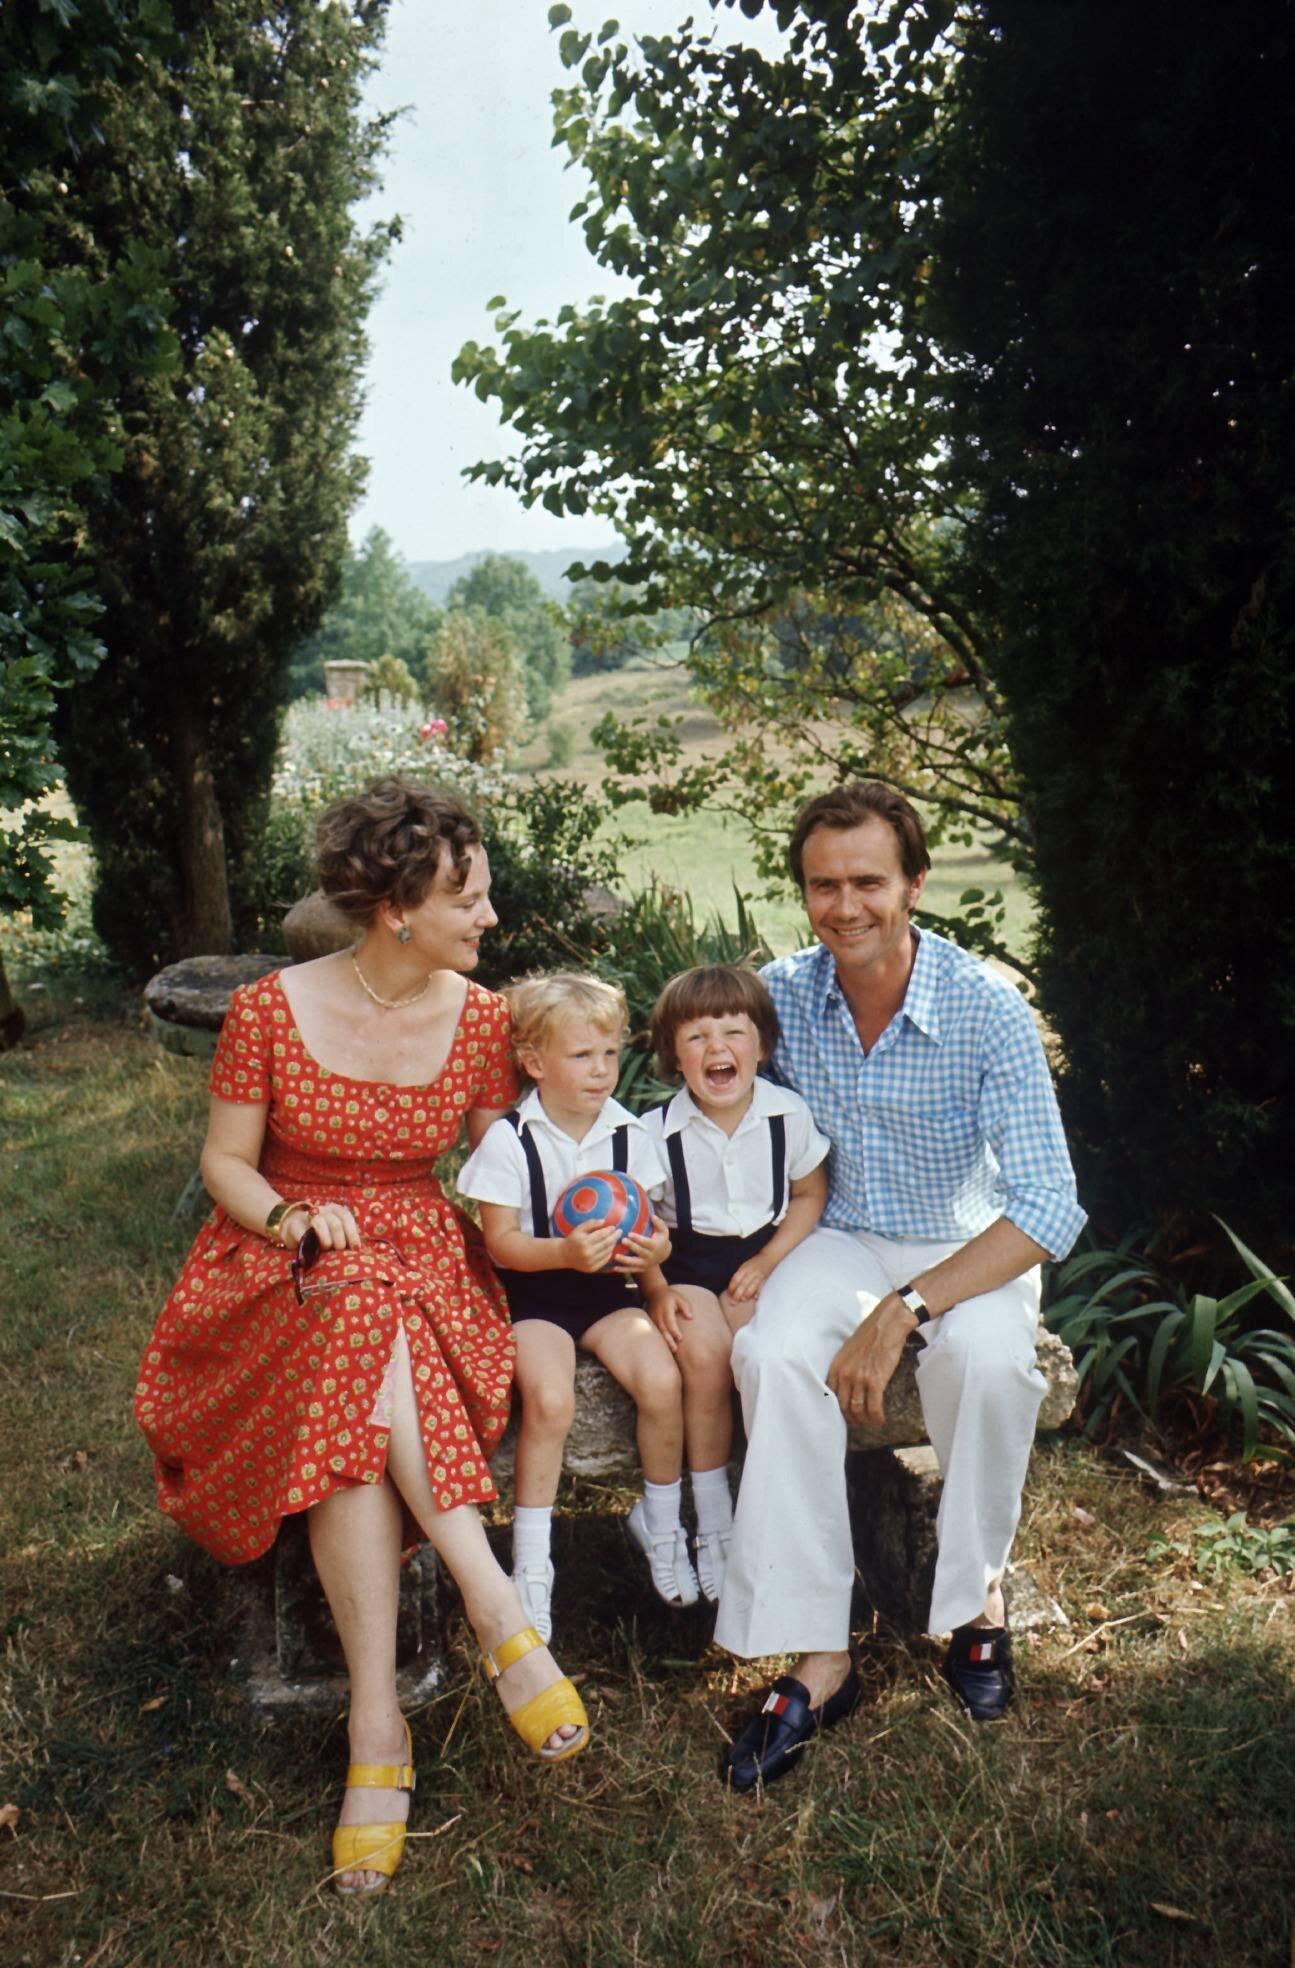 Die Bilder trügen: Kronprinz Frederik und Prinz Joachim sehen ihre Eltern kaum. Königin Margrethe ist kein mütterlicher Typ.  © picture alliance/Scanpix Denmark